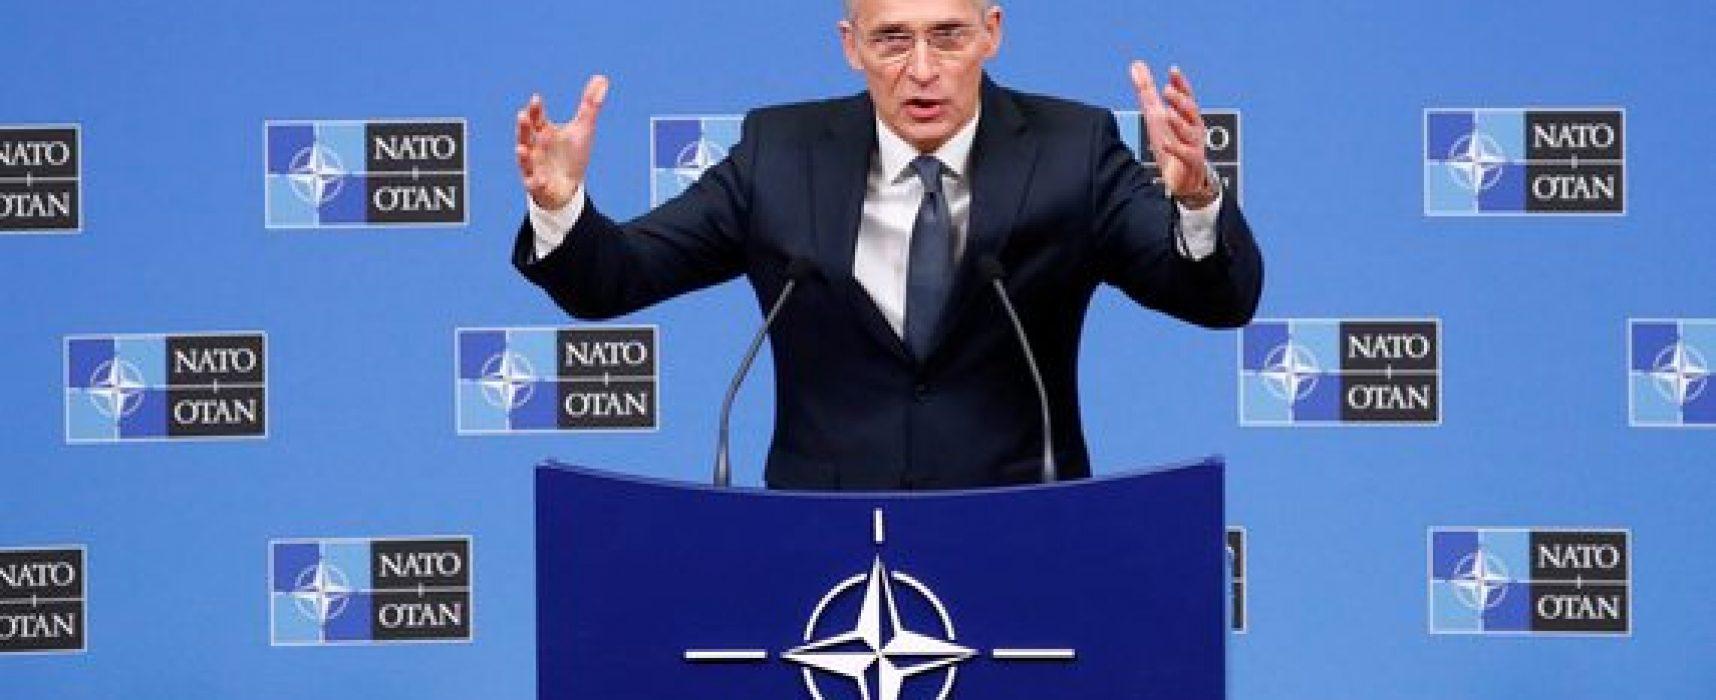 Fake agencji RIA Nowosti: Sekretarz Generalny NATO docenia rosyjską pomoc dla Włoch